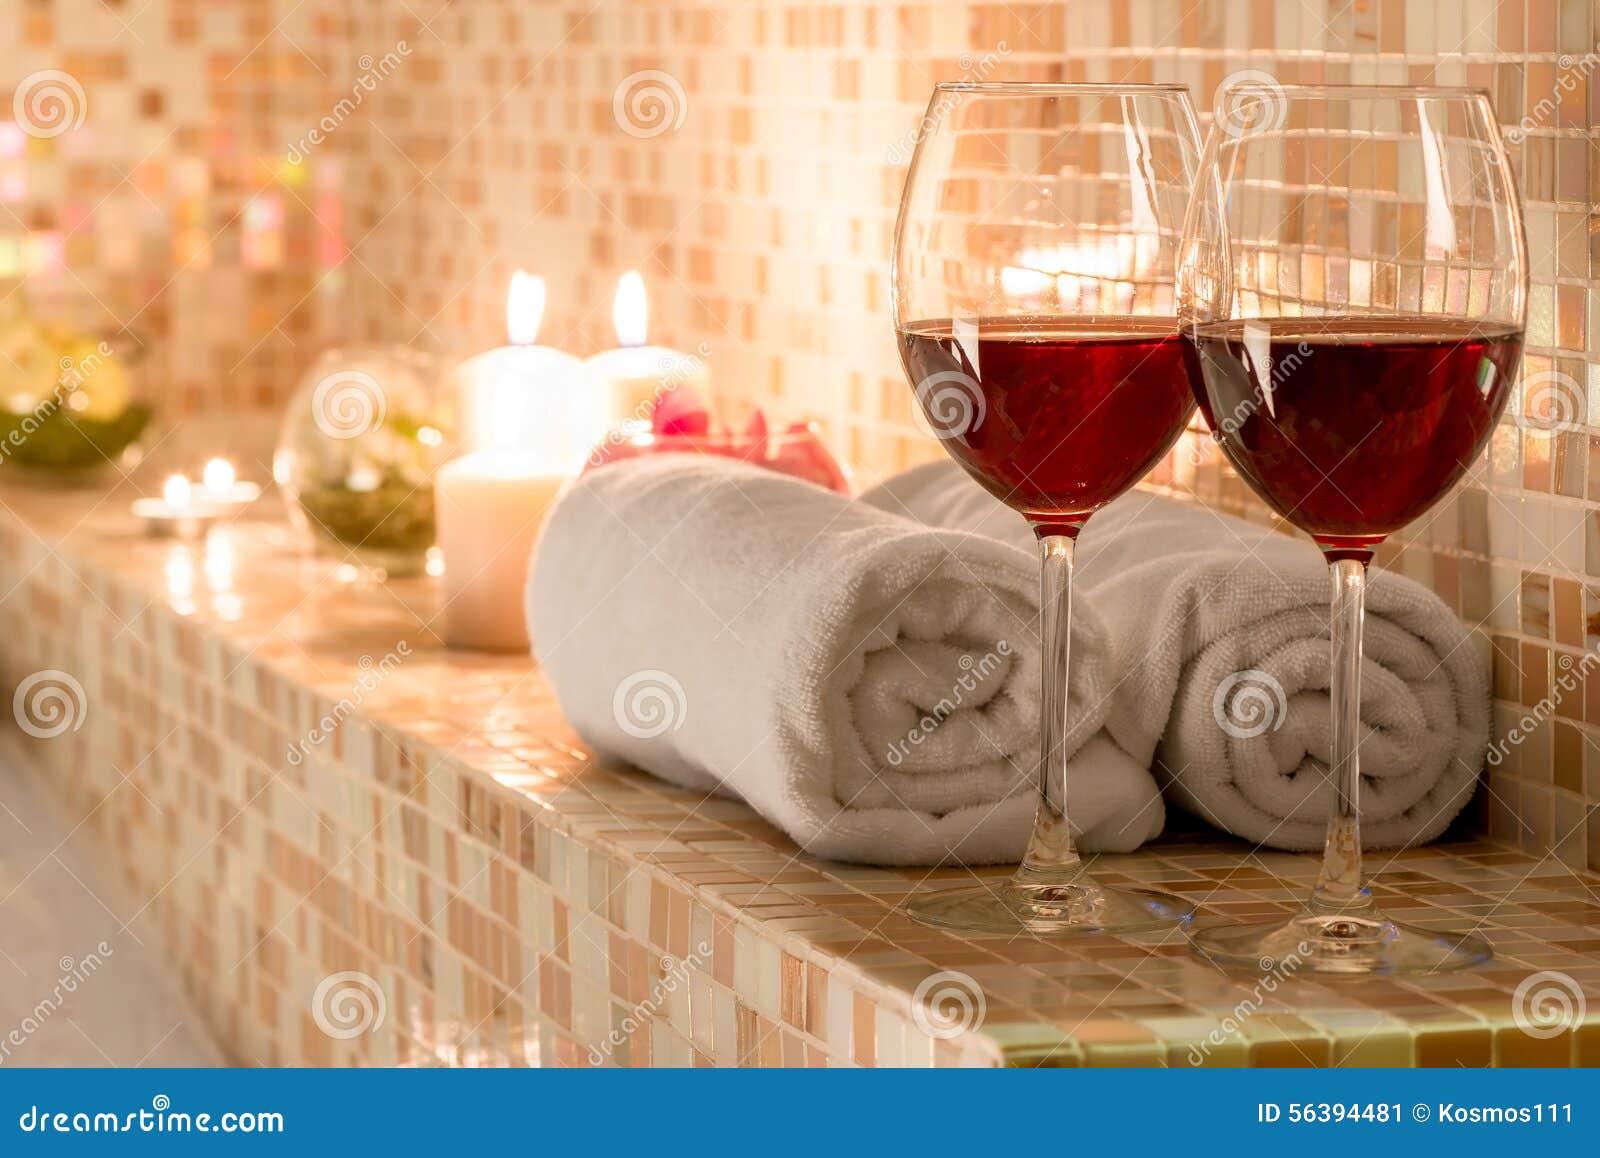 Salle de bains romantique image libre de droits   image: 18279206